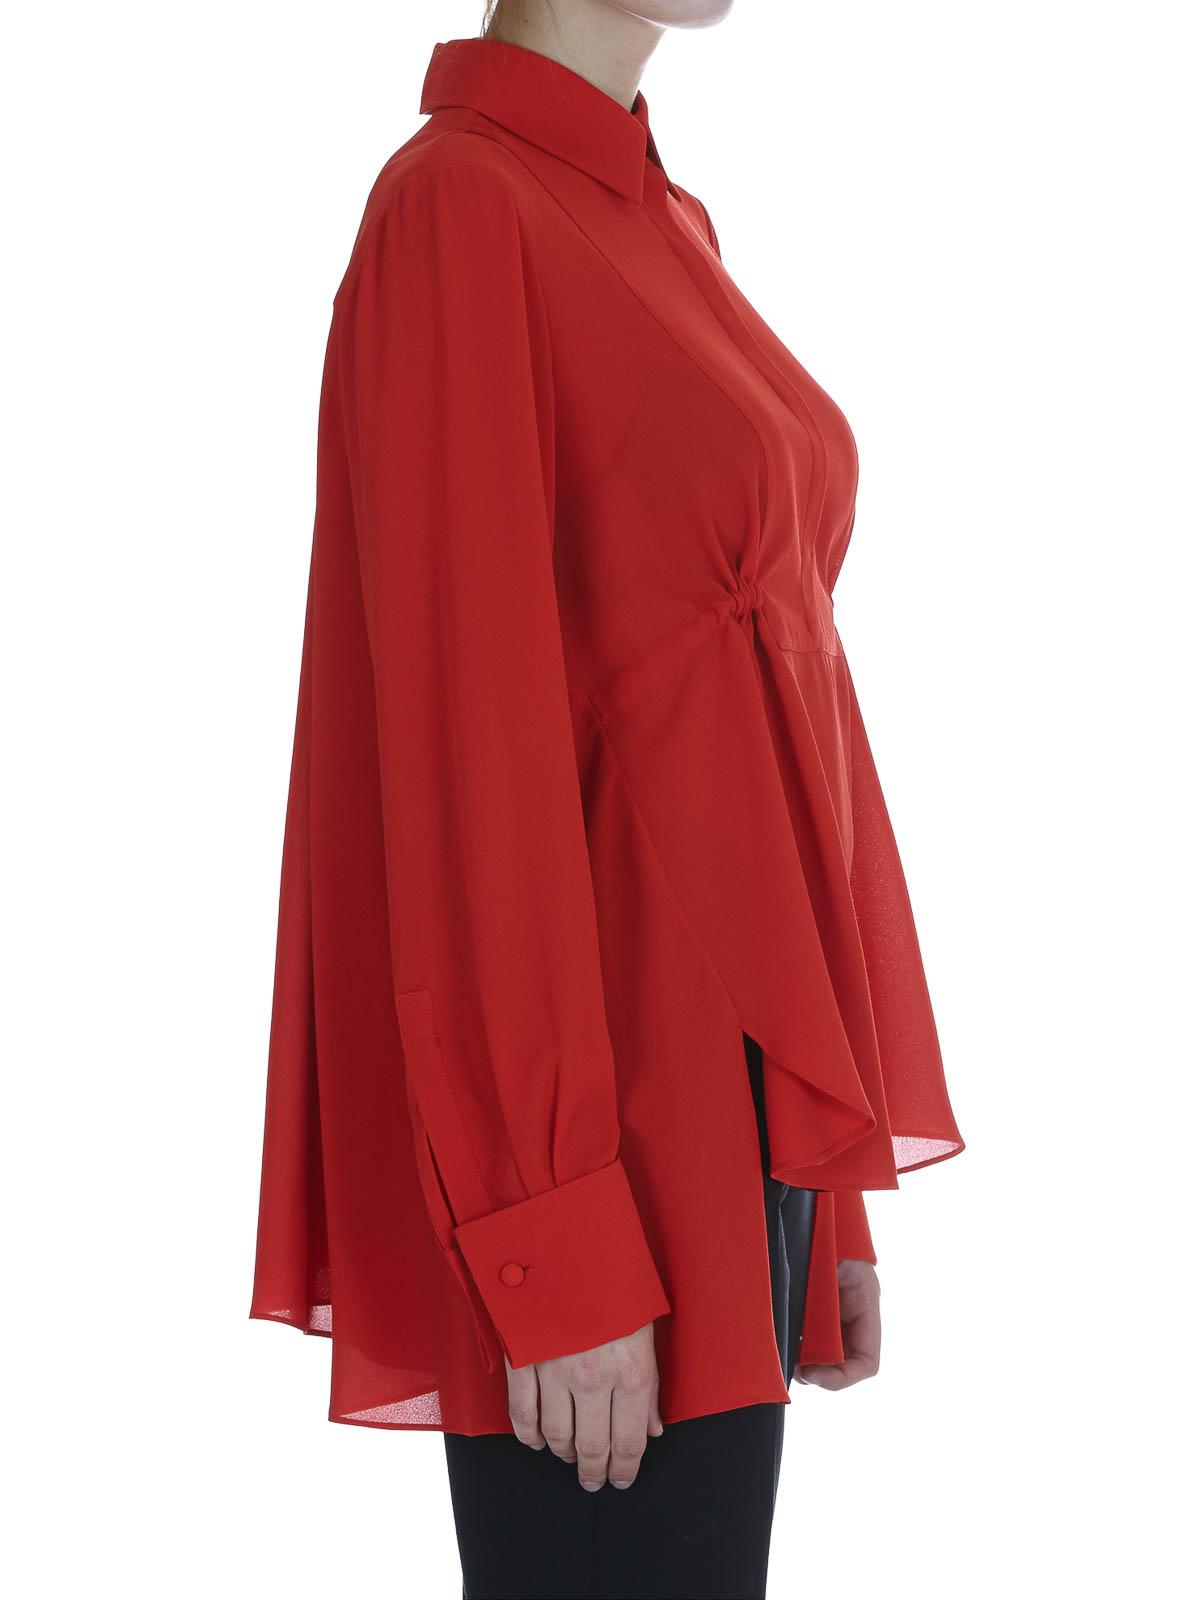 108c69e0a270ac Alexander Mcqueen - Gathered silk blouse - blouses - 460572QIB076530